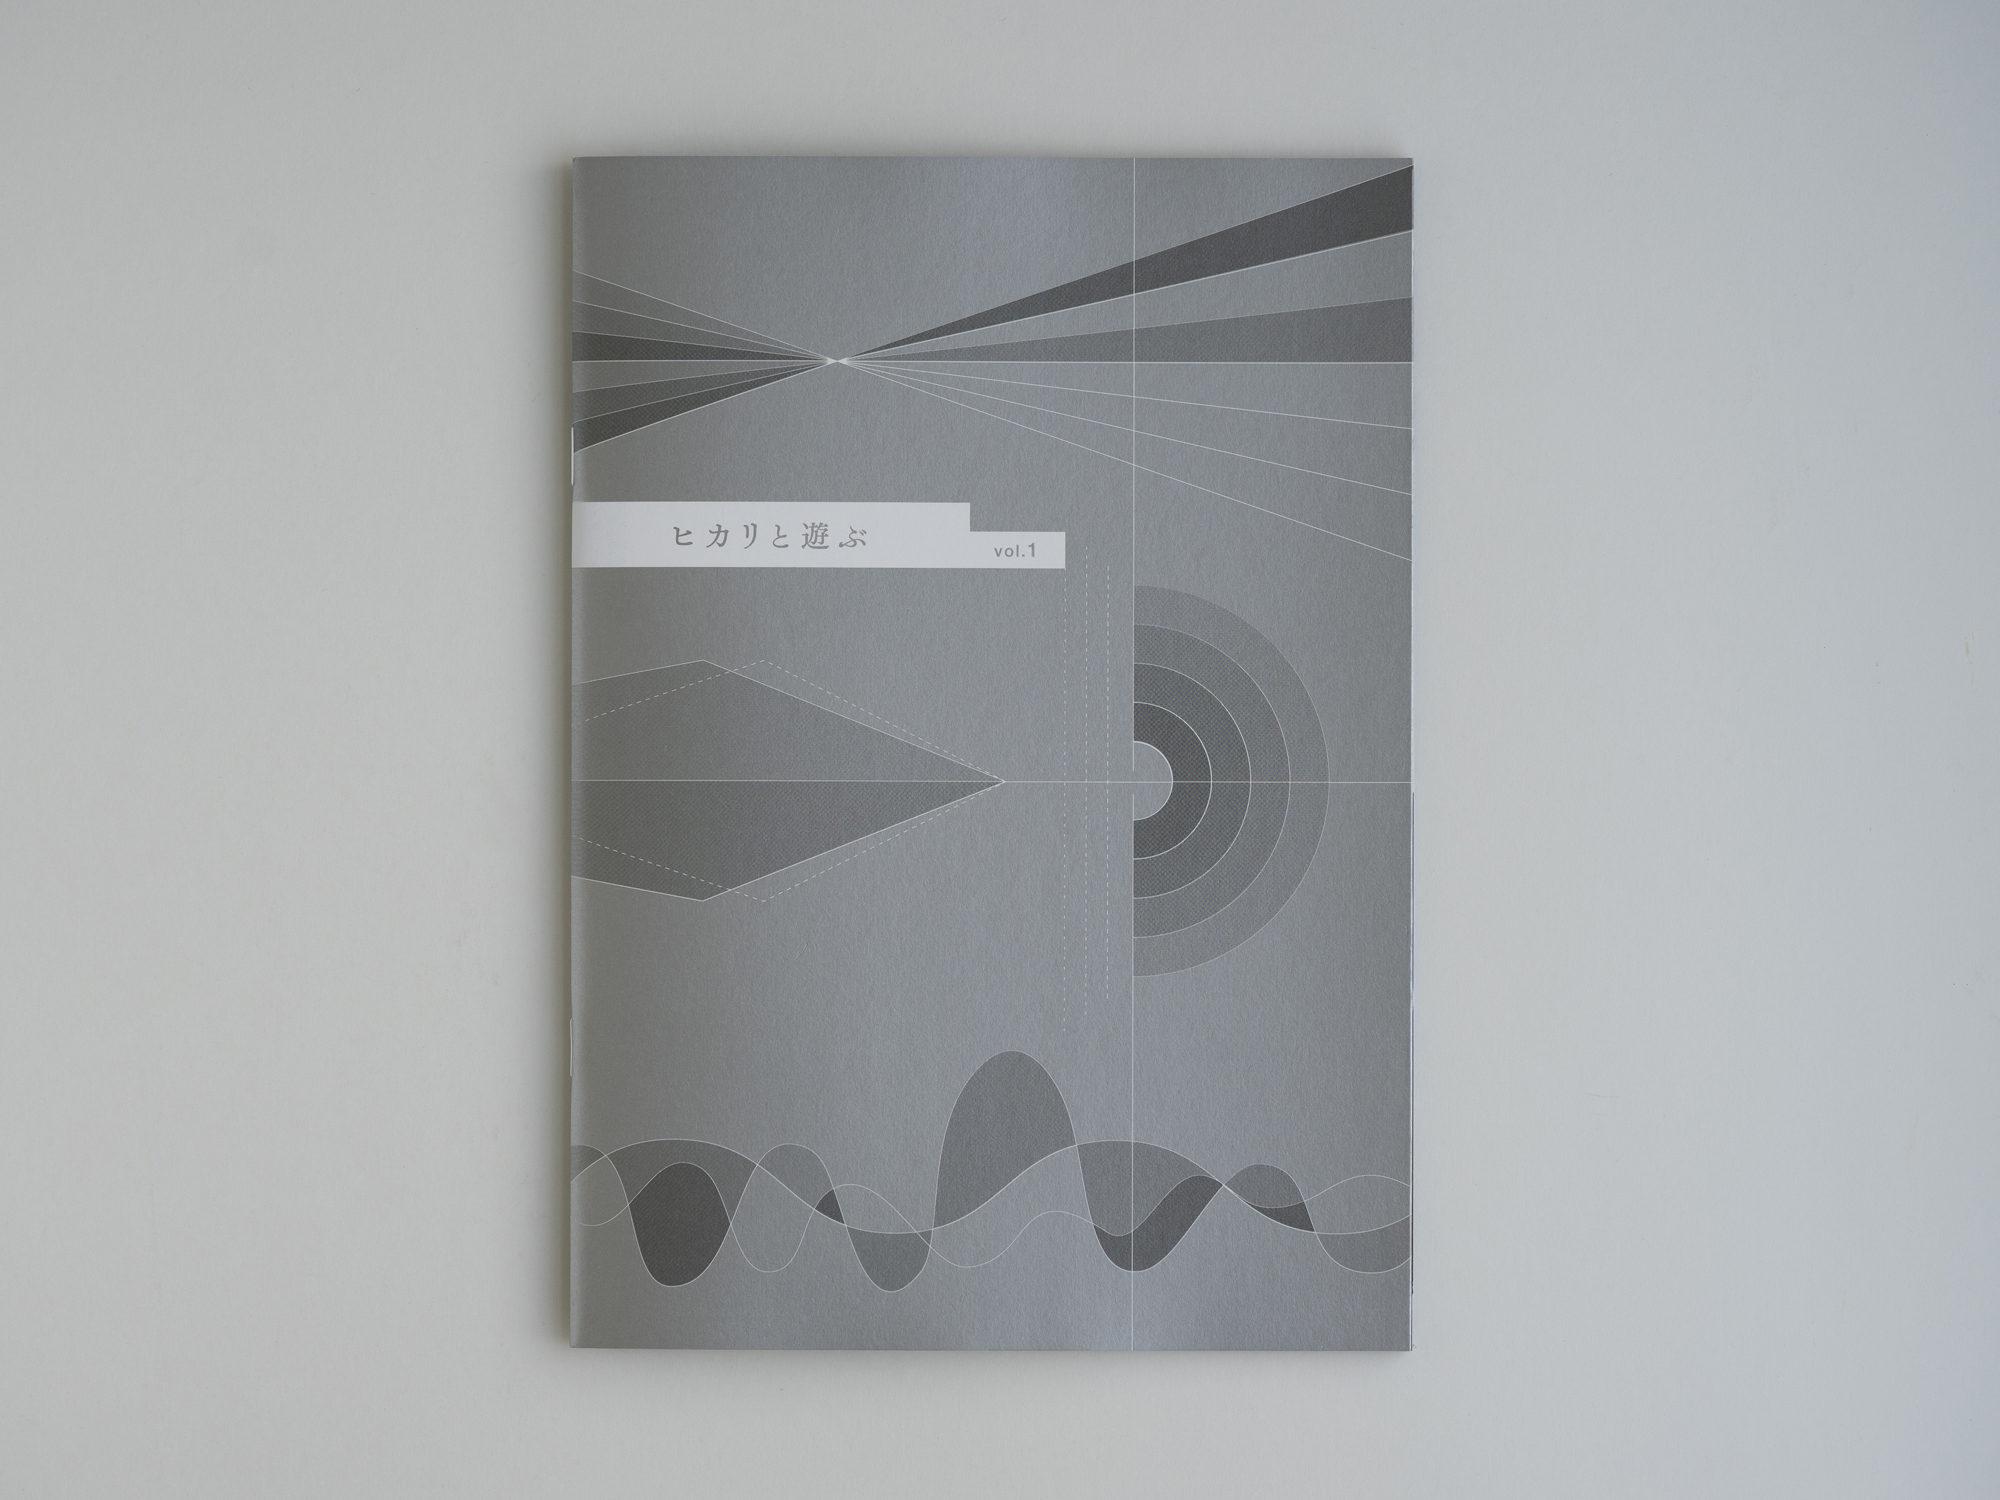 NiSi フォトブックレット「ヒカリと遊ぶ」